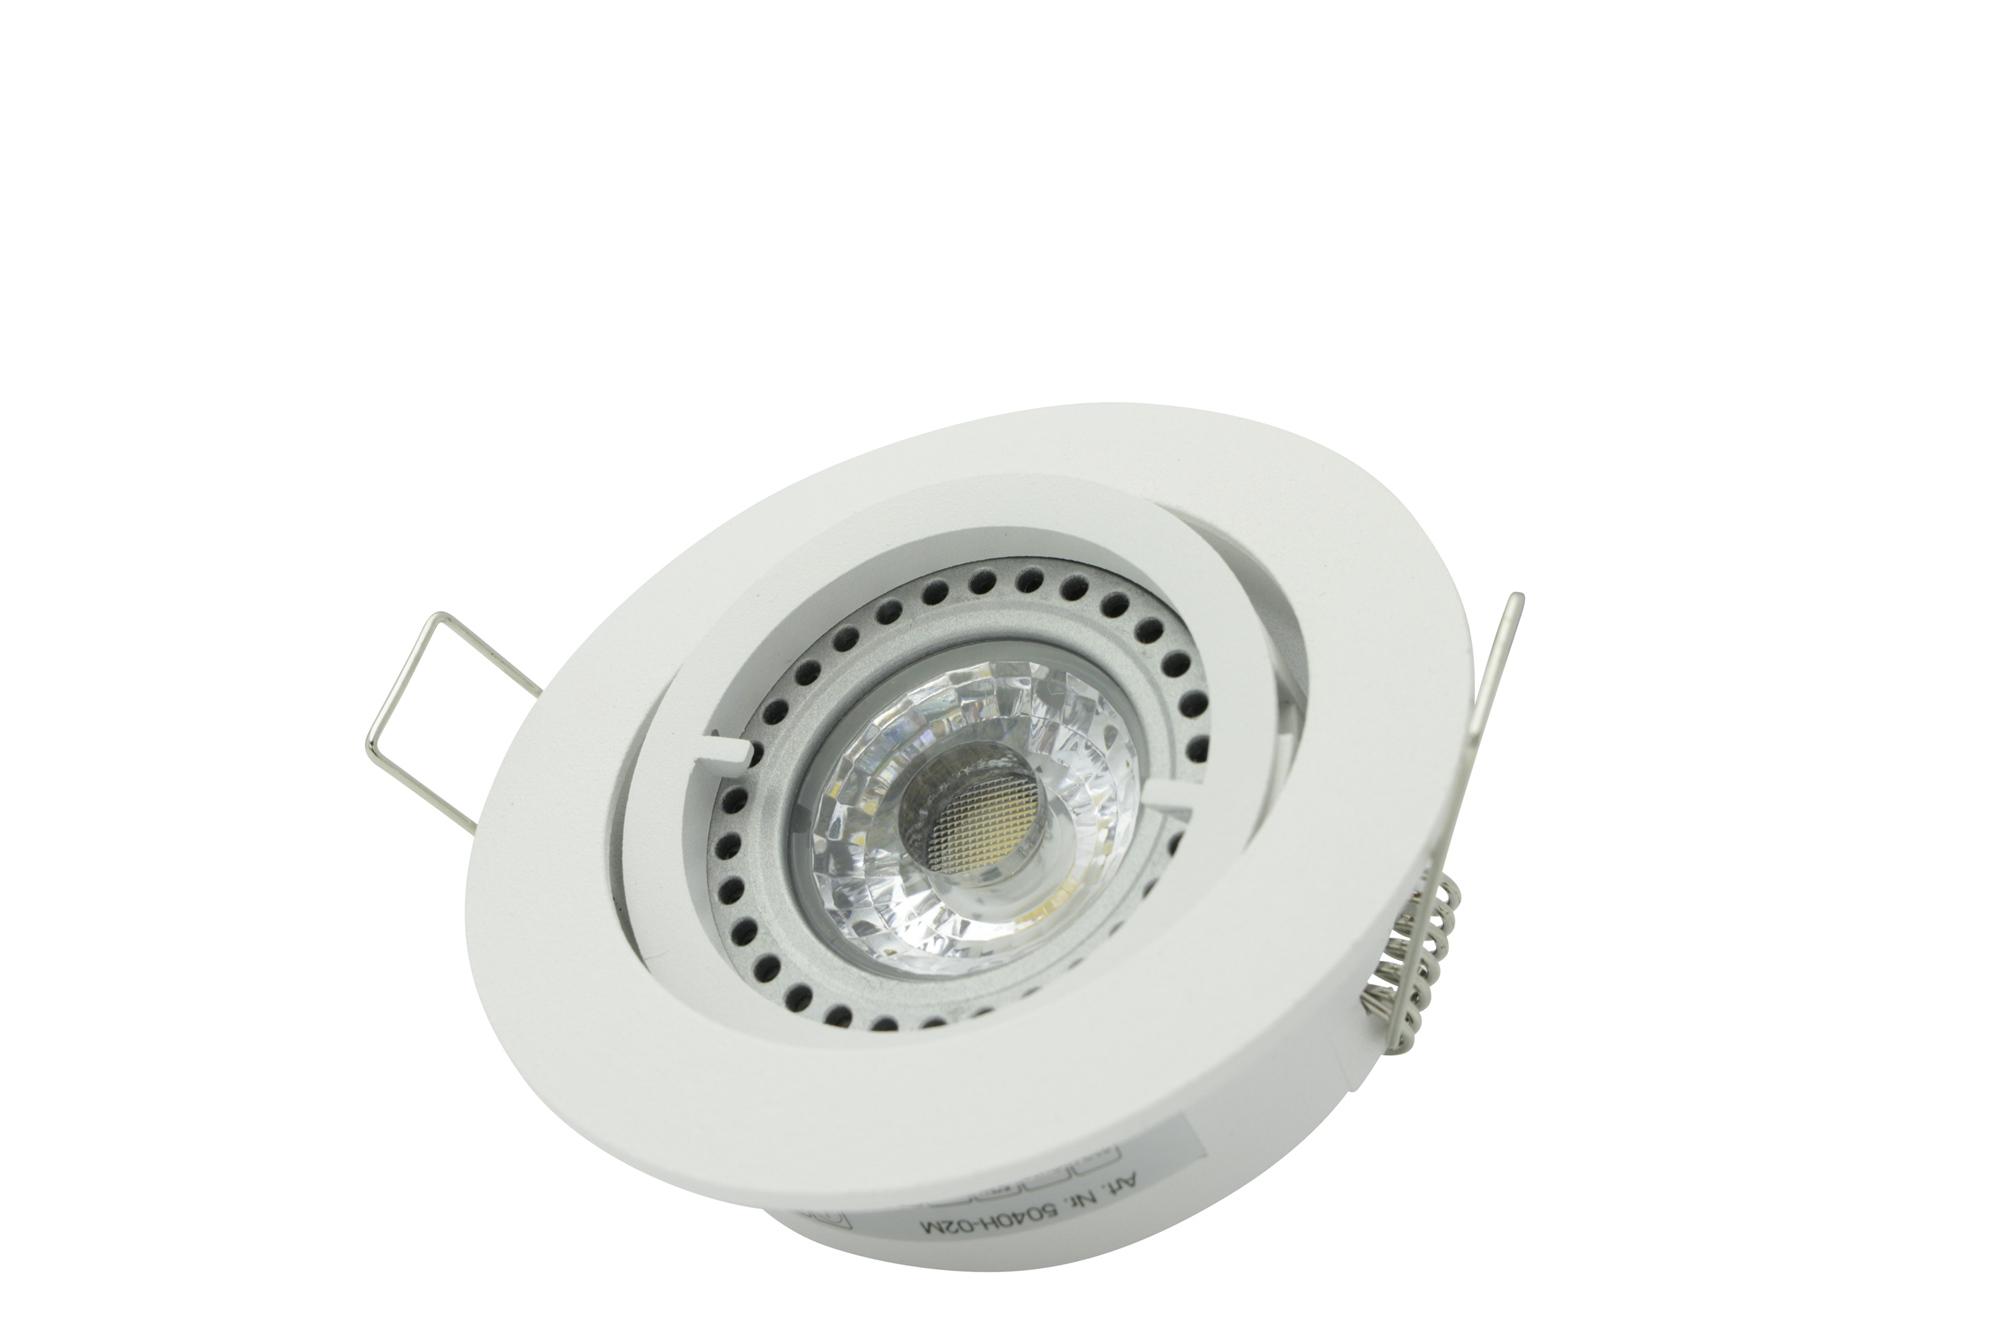 Lampenlux Einbaustrahler Samila Spot rund schwenkbar weiß MR16 12V Aluminium